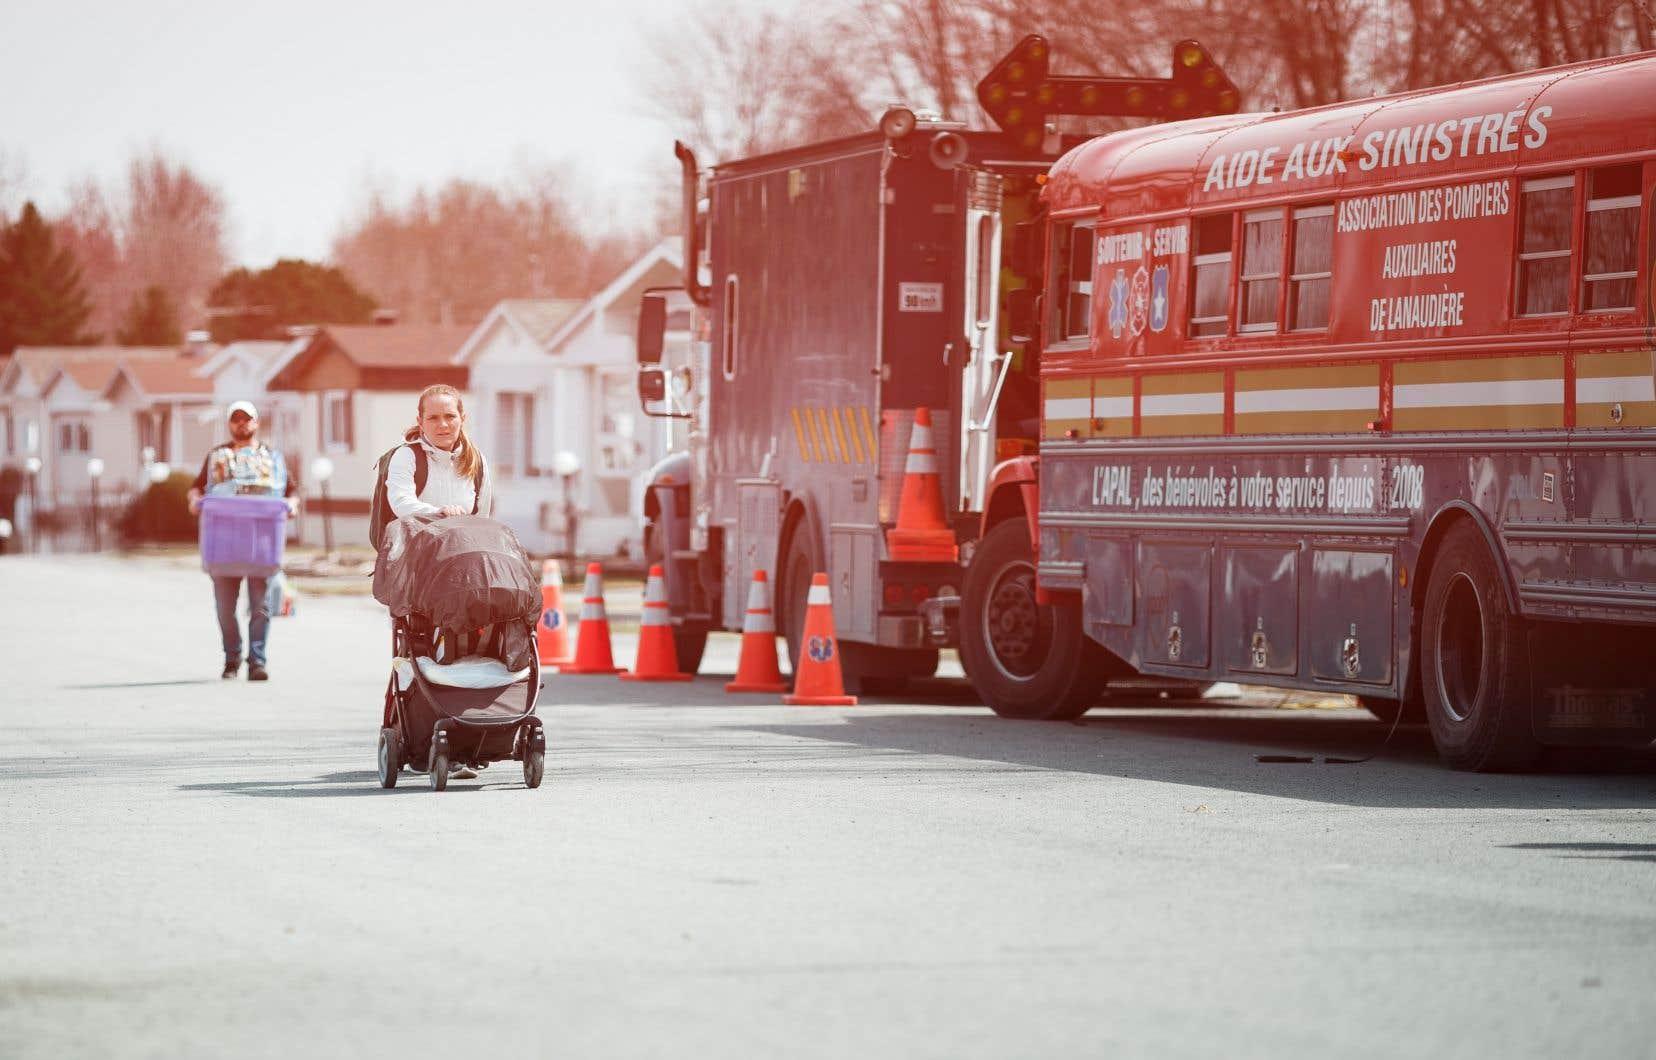 <p>Un homme a foncé avec son véhicule dans les locaux des services d'aide aux sinistrés, mercredi soir, à Sainte-Marthe-sur-le-Lac. Personne n'a été blessé.</p>